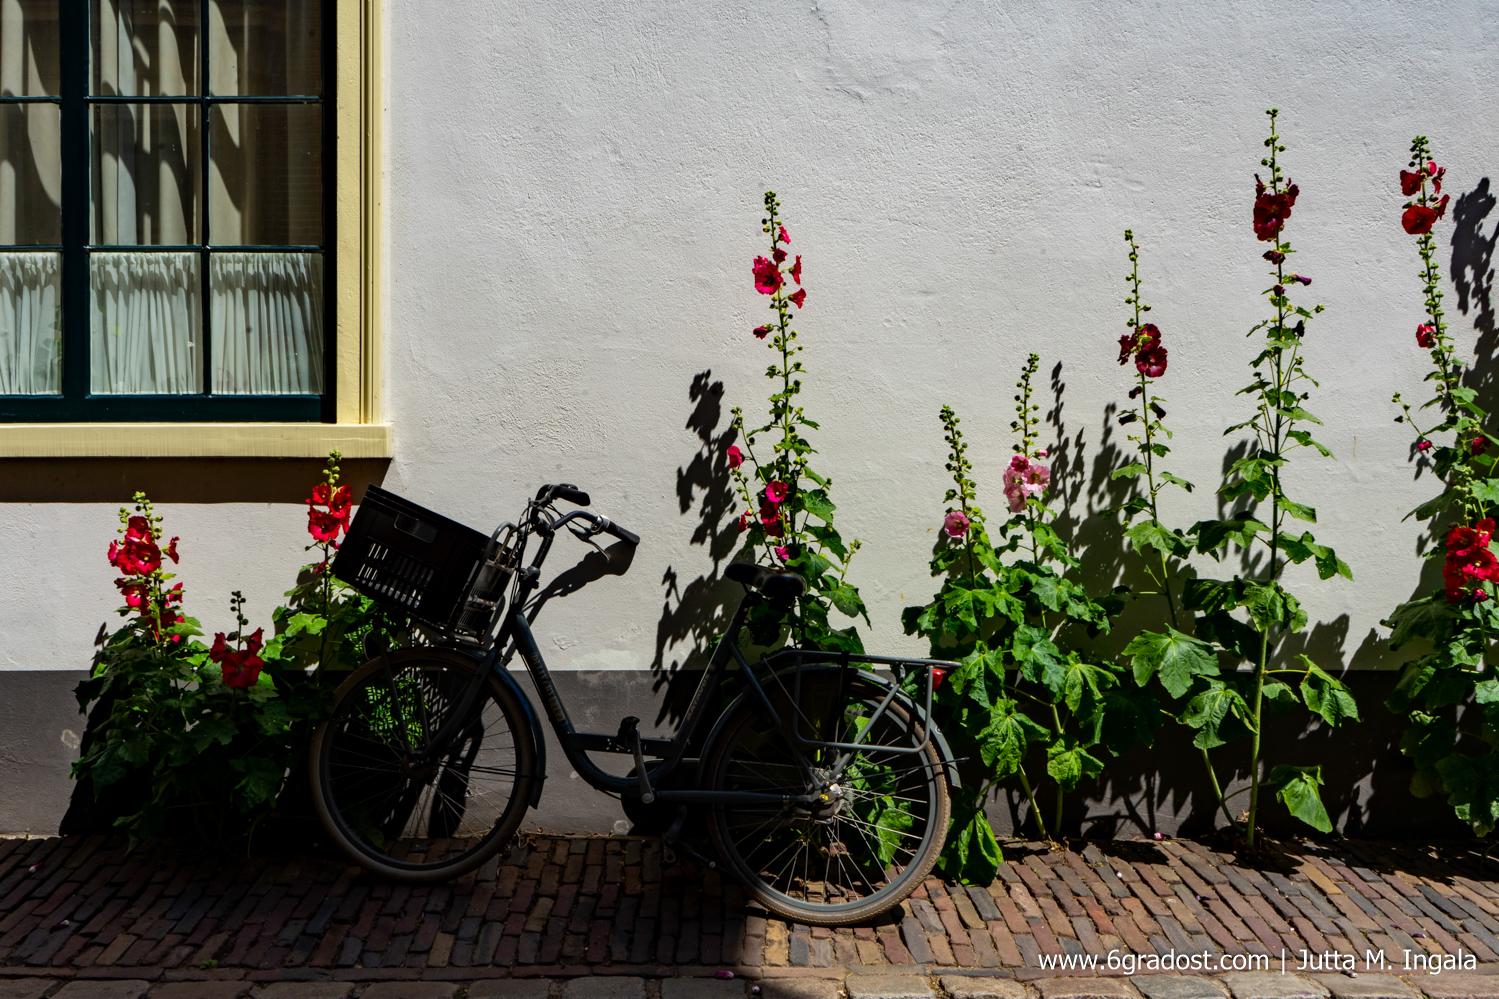 Typisch Niederlande: Fahrrad und Stockrosen